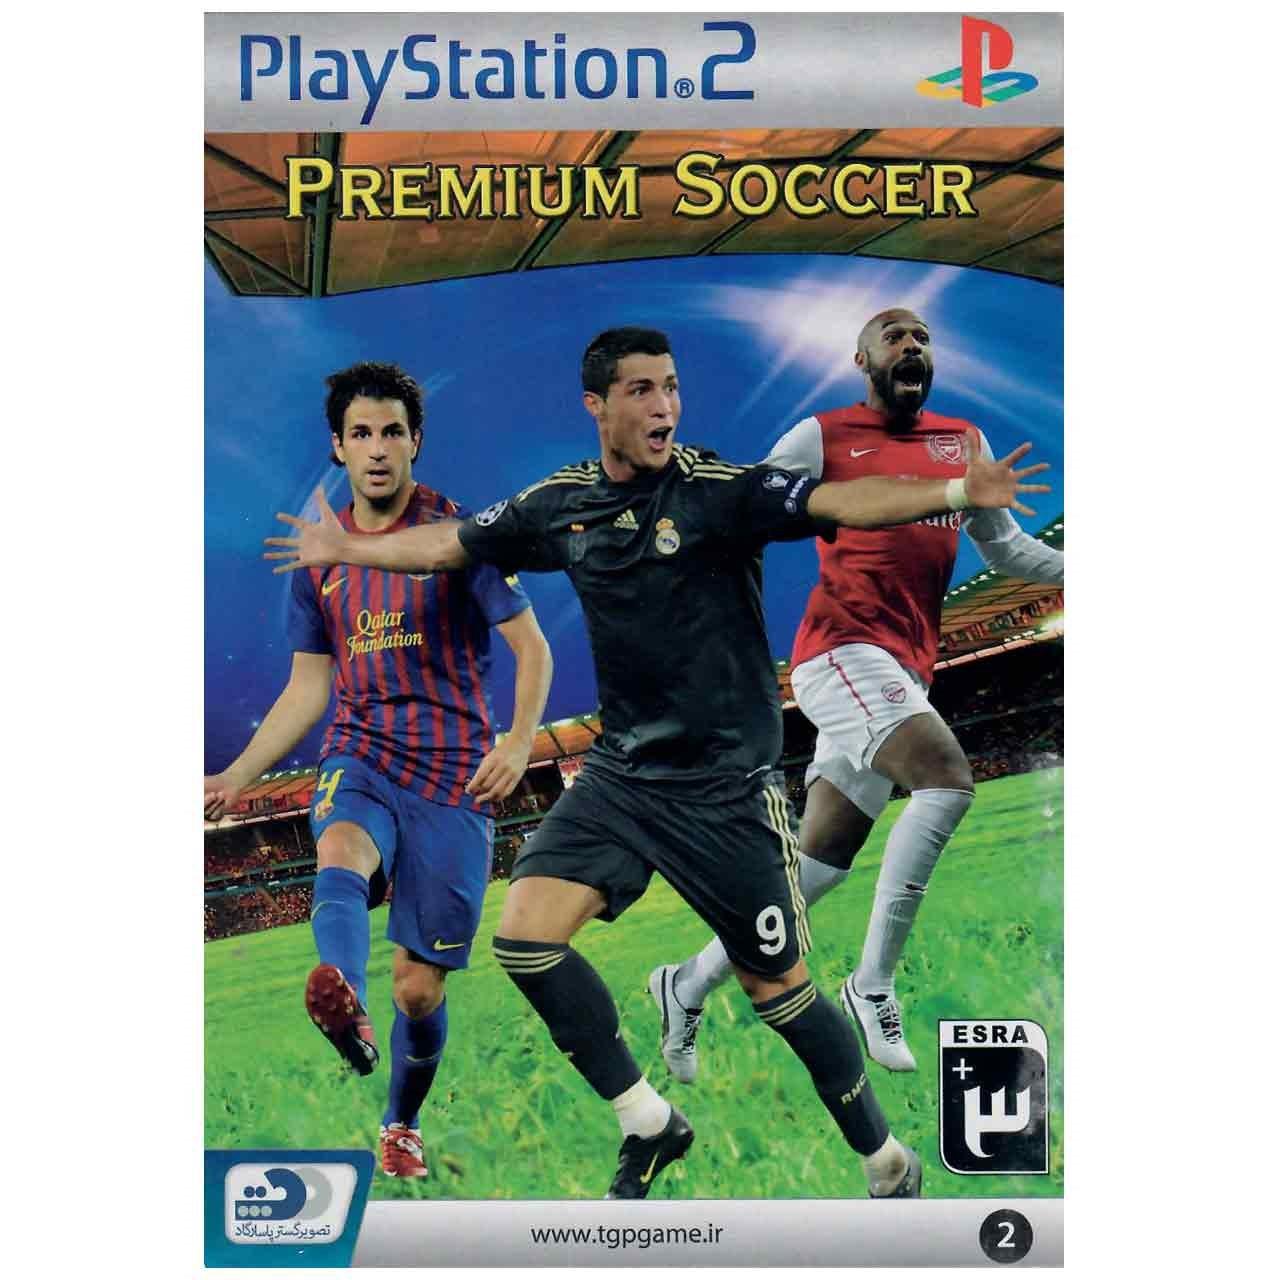 بازی Premium Soccer مخصوص PS2